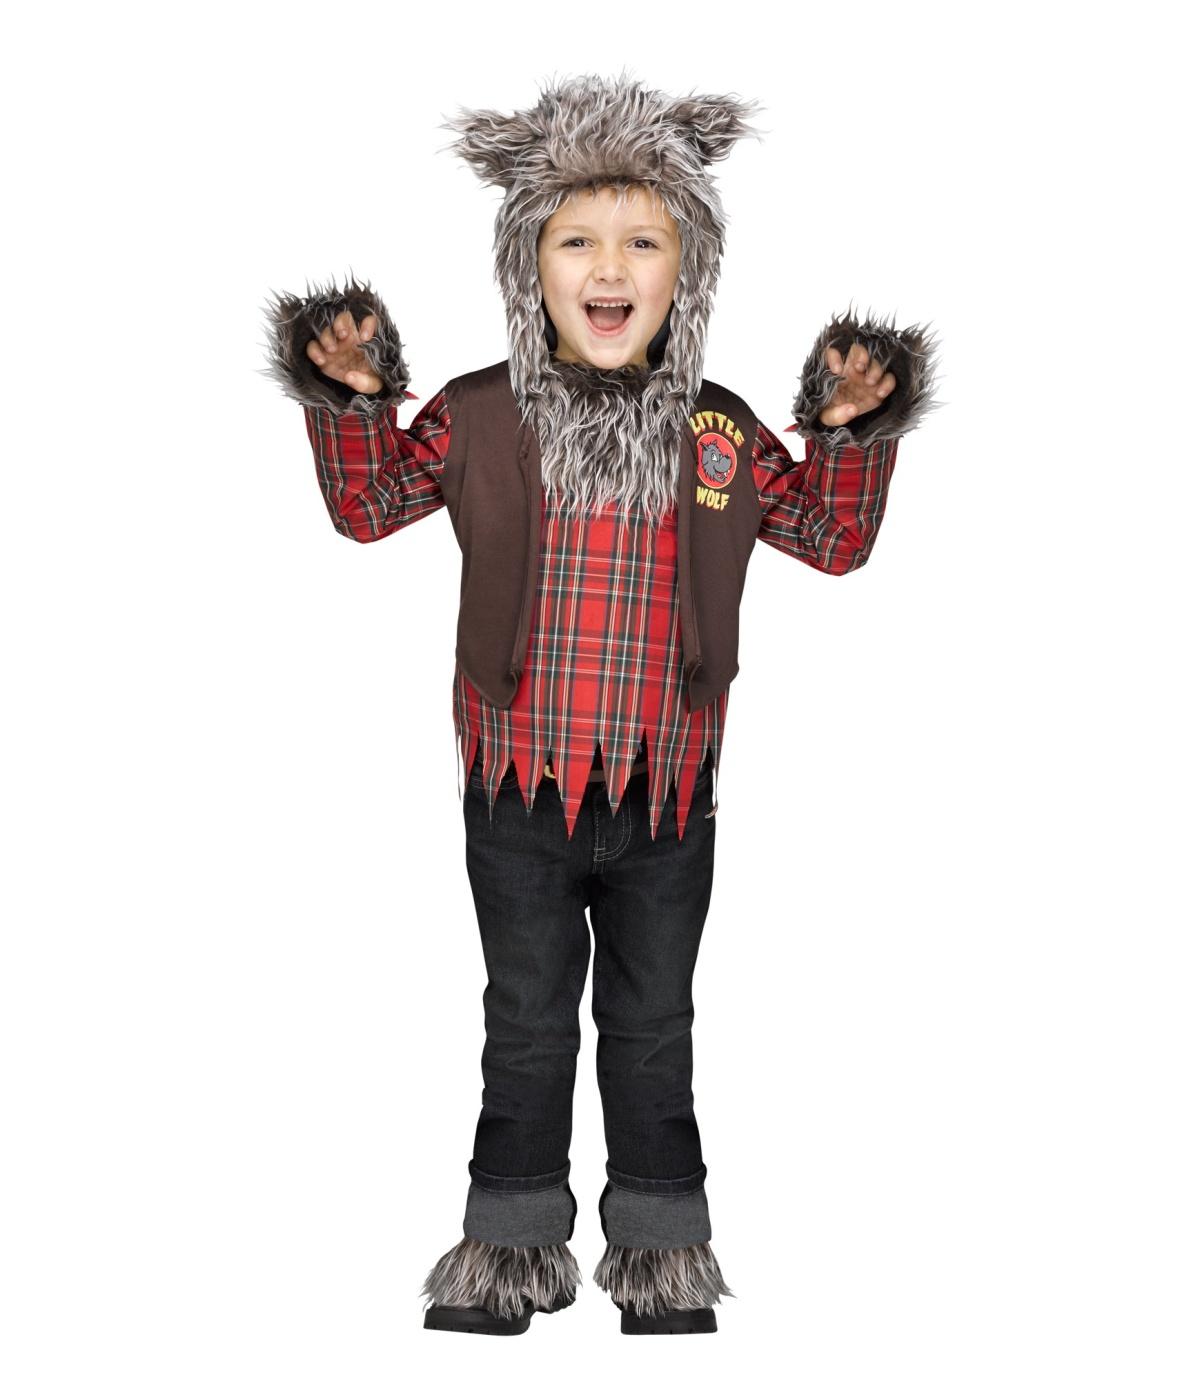 Детские карнавальные костюмы своими руками - Статьи 91